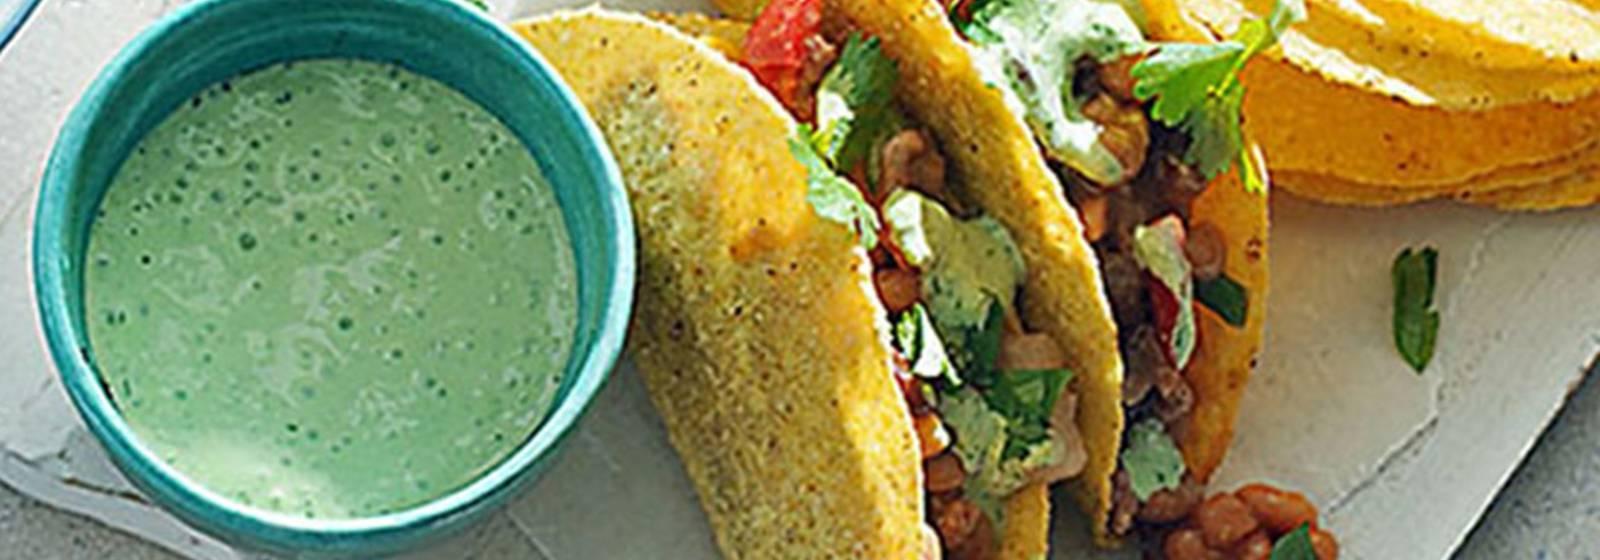 Taze sarımsaklı yoğurt ile hafif Meksika biber